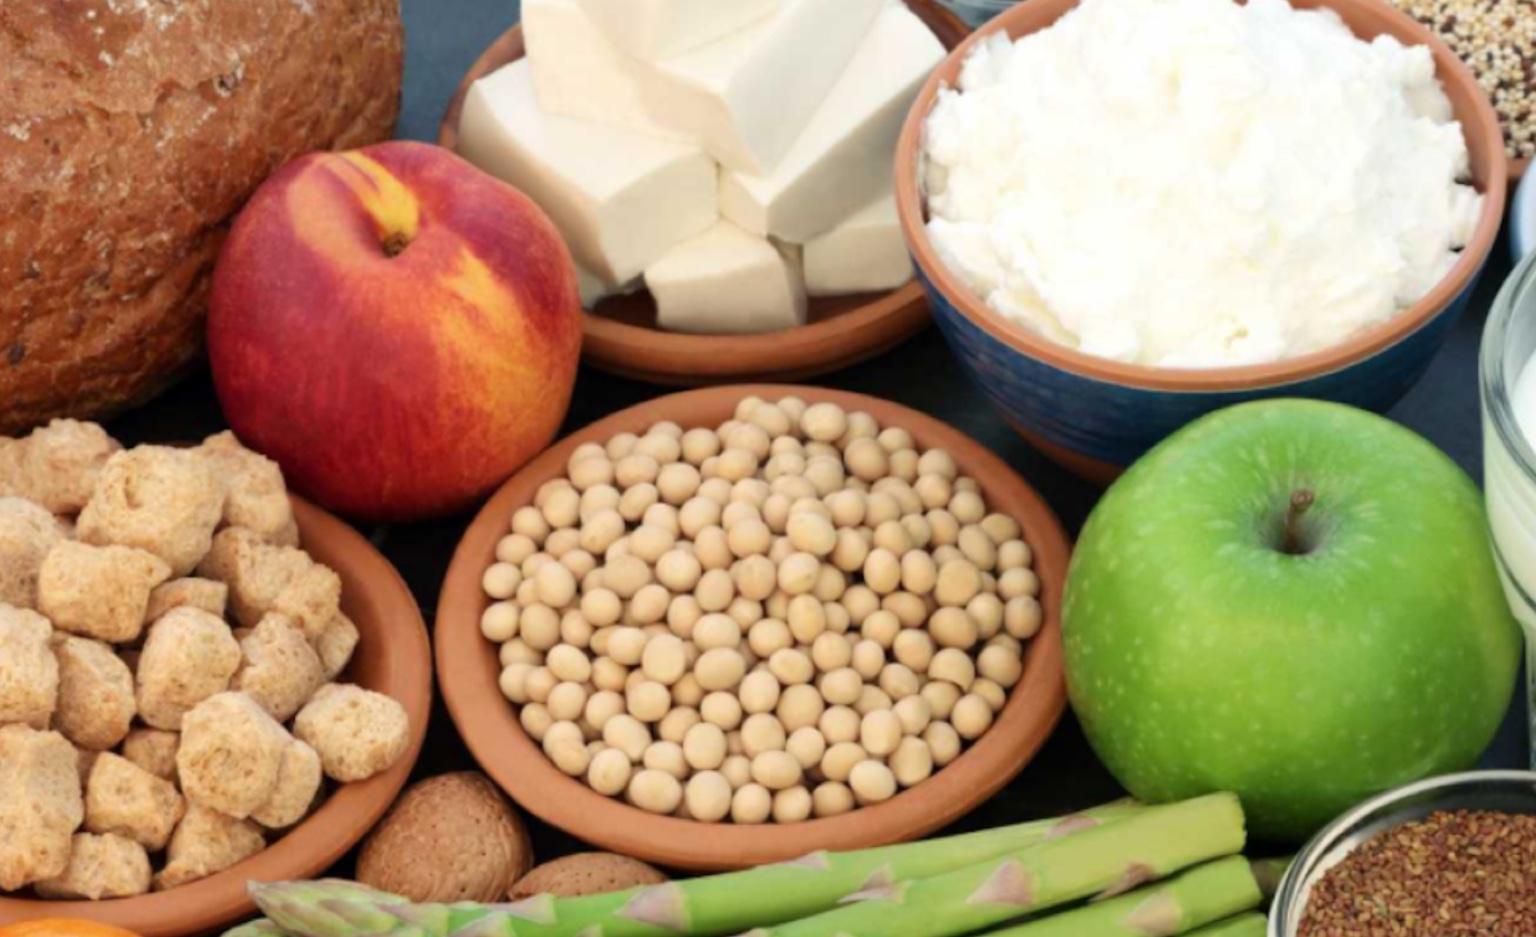 Alimentos ricos em proteína: um mix diversificado muito além dos derivados animais